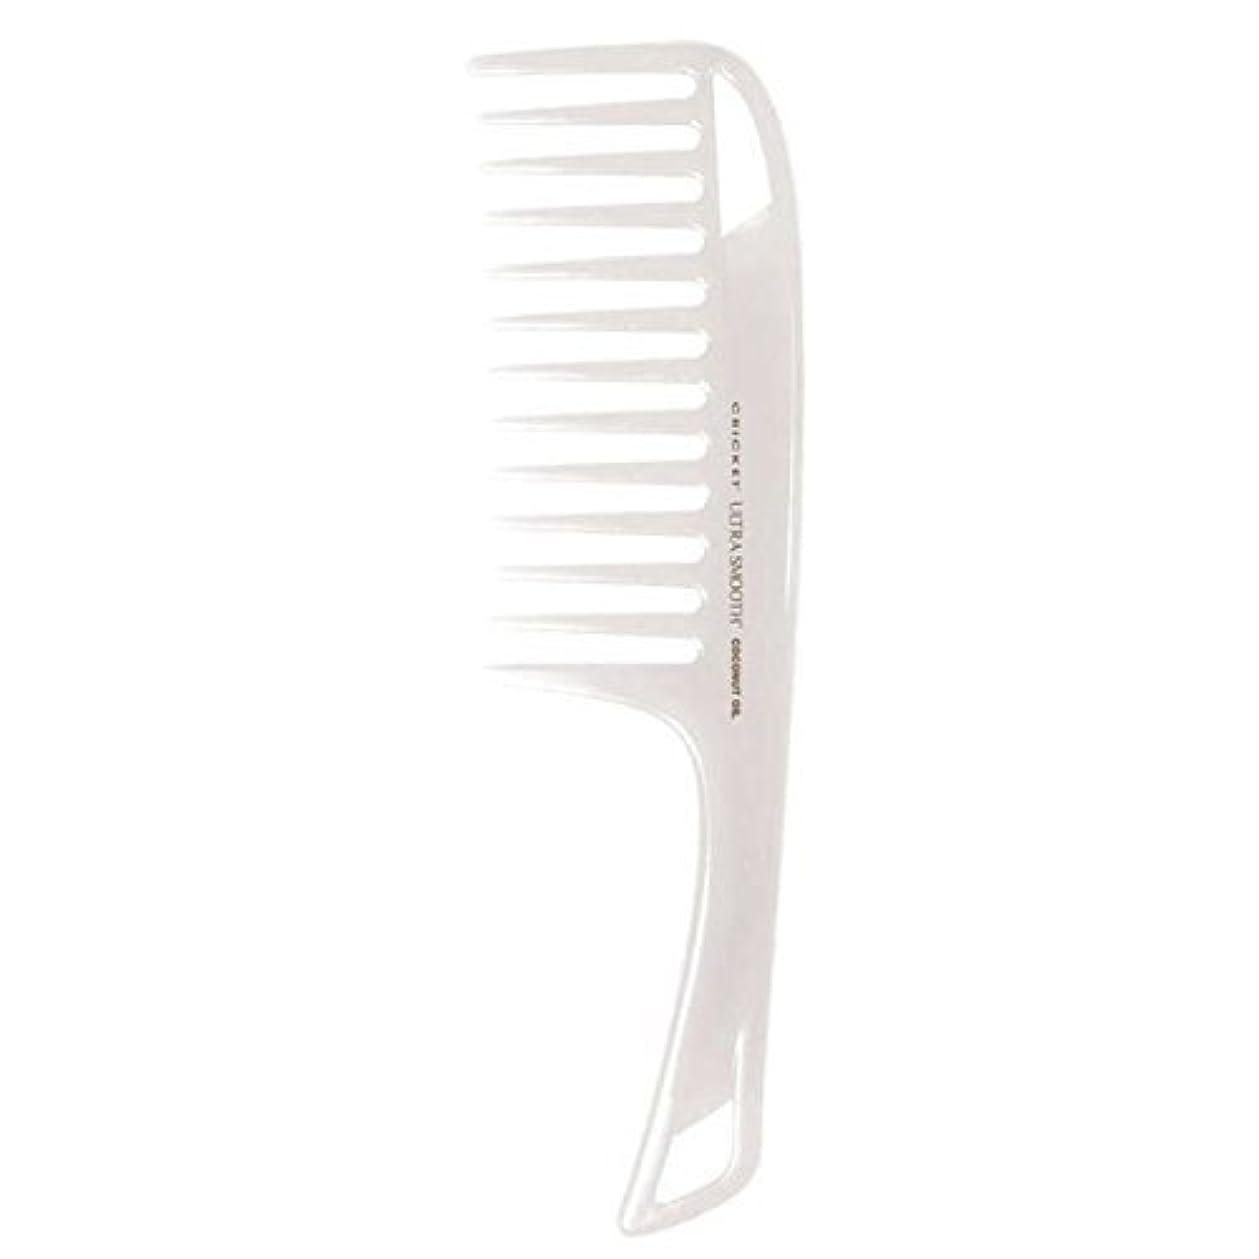 帝国真剣にとは異なりCricket Ultra Smooth Coconut Detangler Comb [並行輸入品]